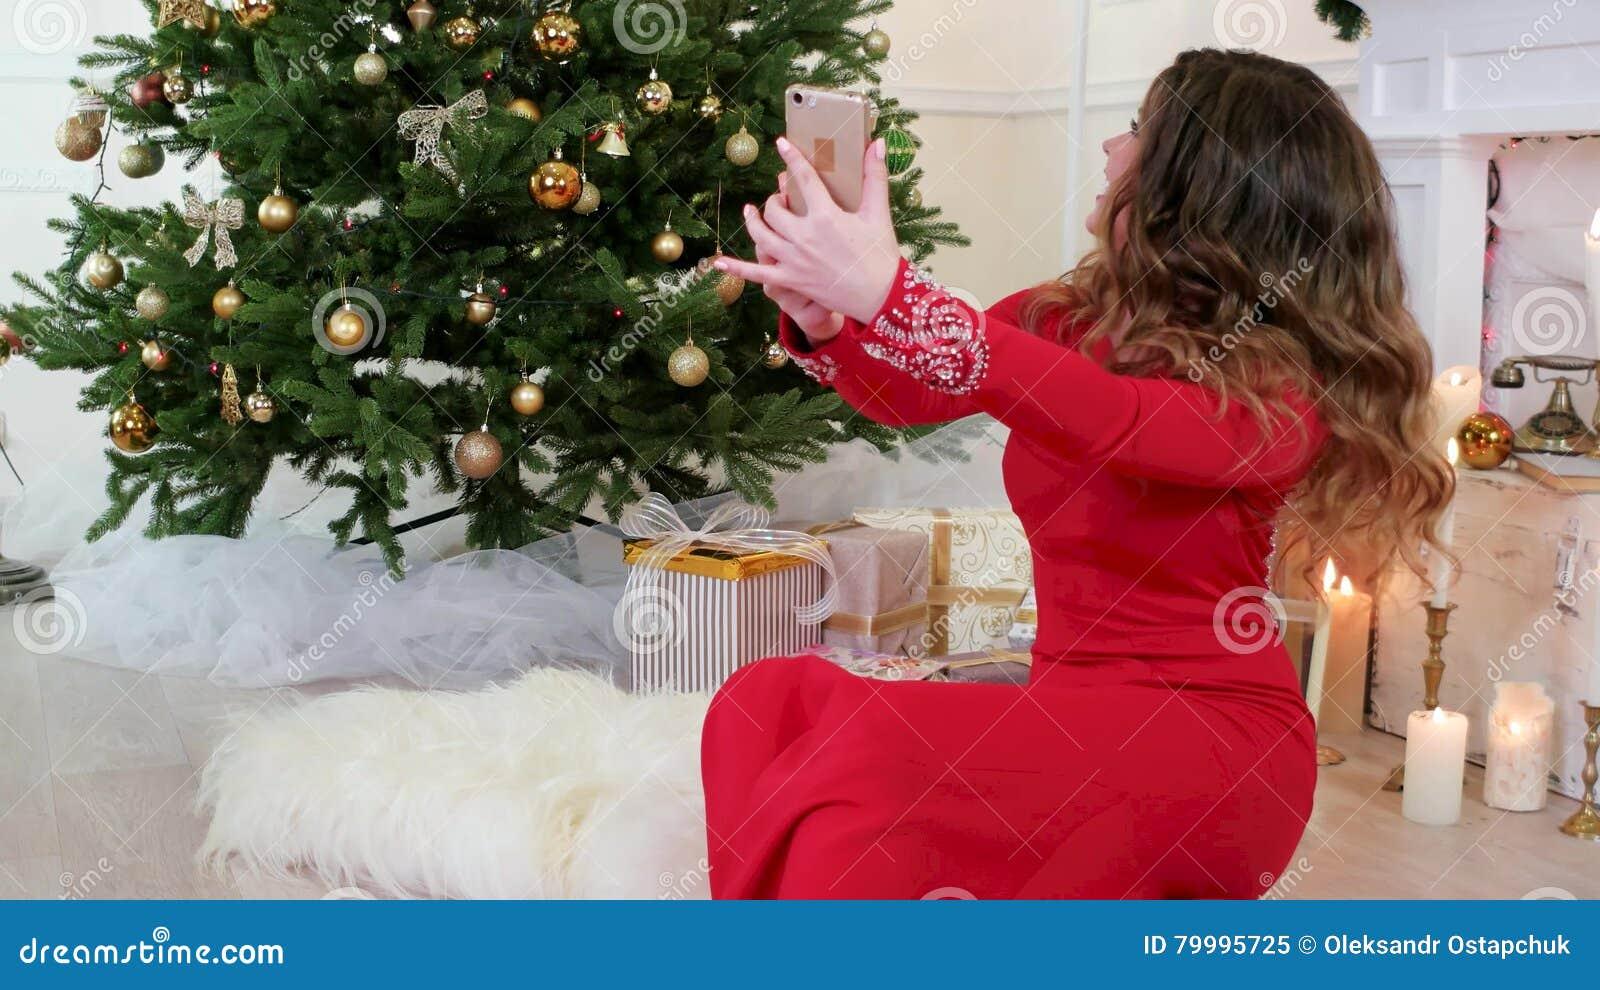 Weihnachtsgrüße Für Handys.Neues Jahr Mädchen Spricht Durch Internet Videokommunikation Skype Vayber Weihnachtsgrüße über Handy Frau